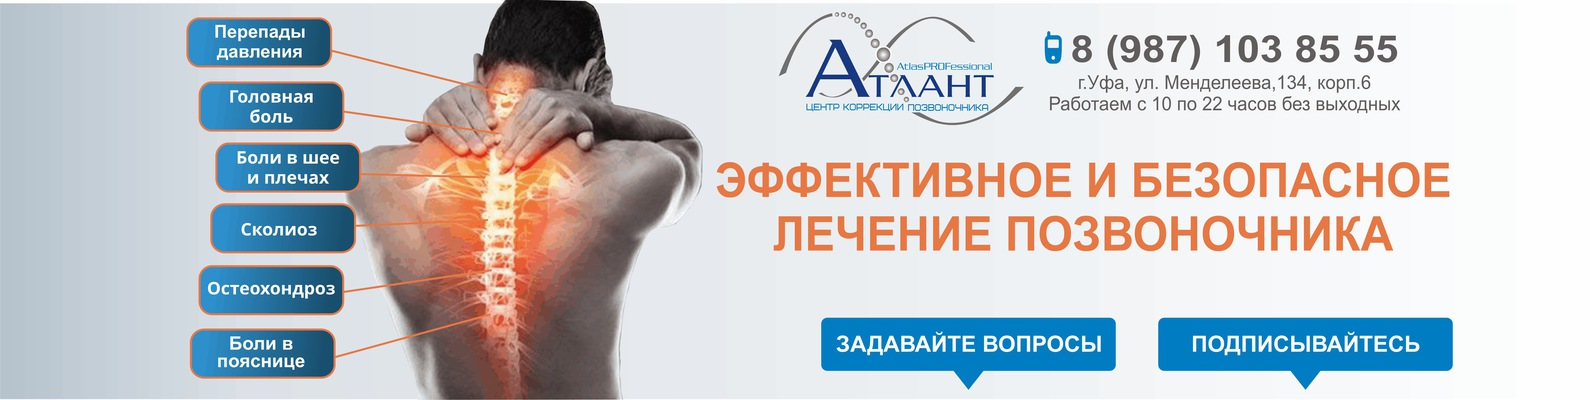 Атлант лечение позвоночника в москве